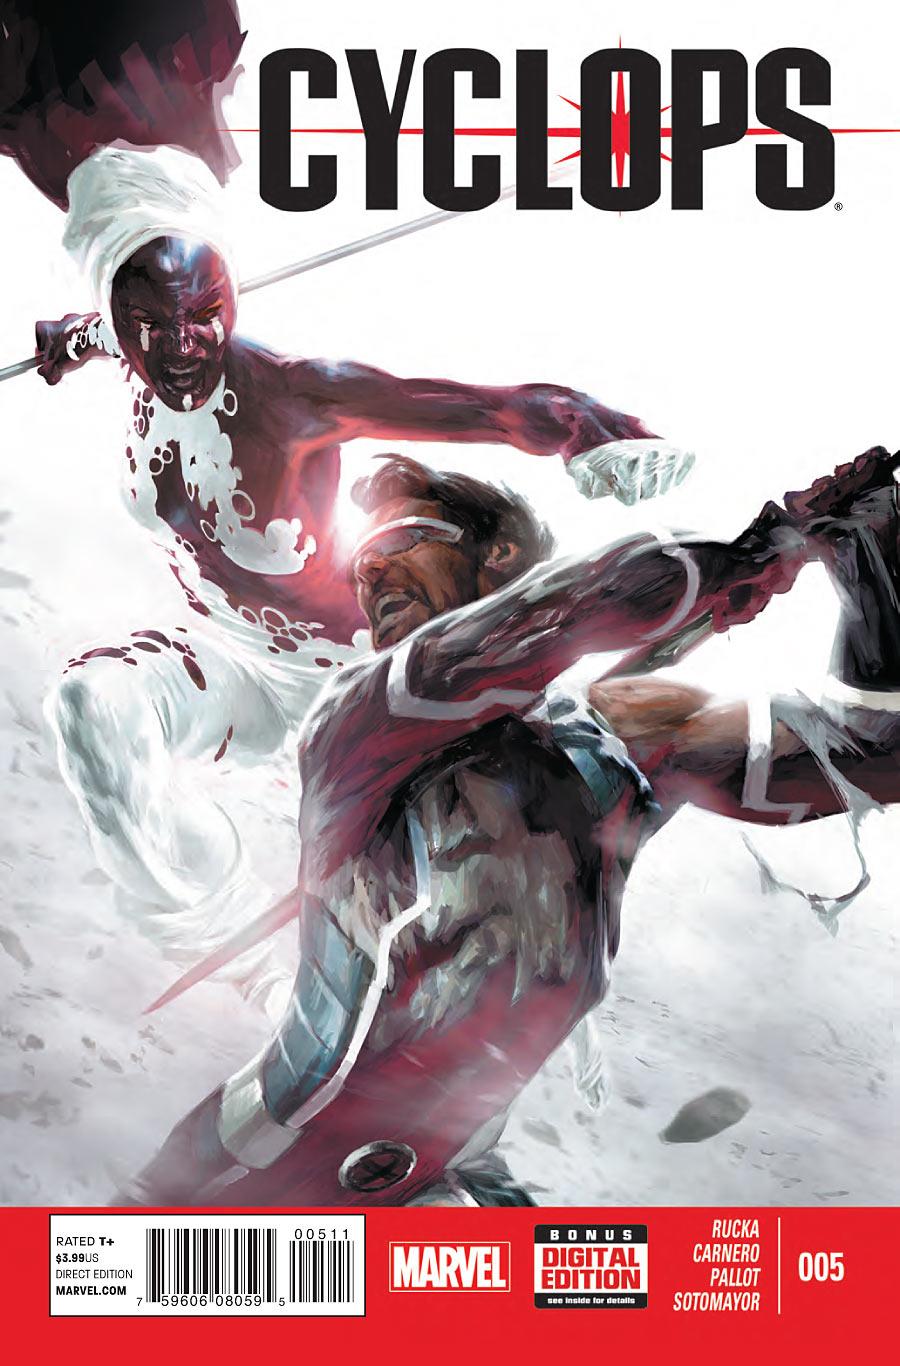 Cyclops #5